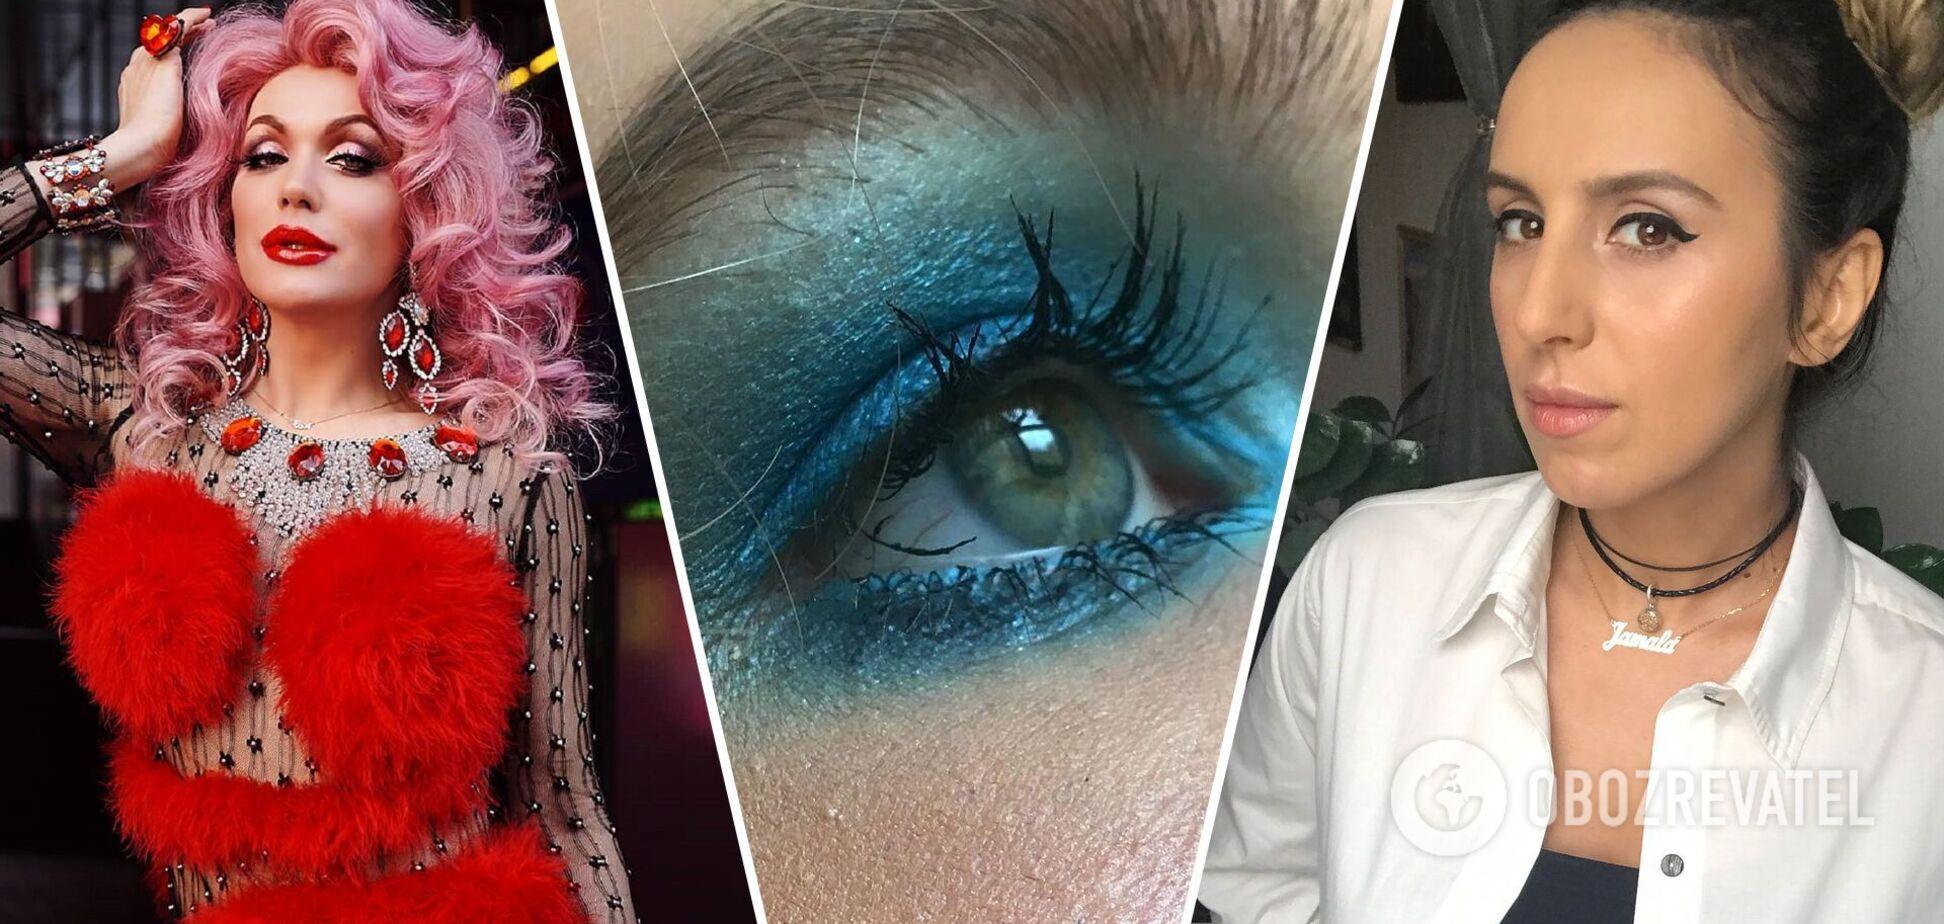 Звездные визажисты рассказали о работе с внешностью украинских знаменитостей